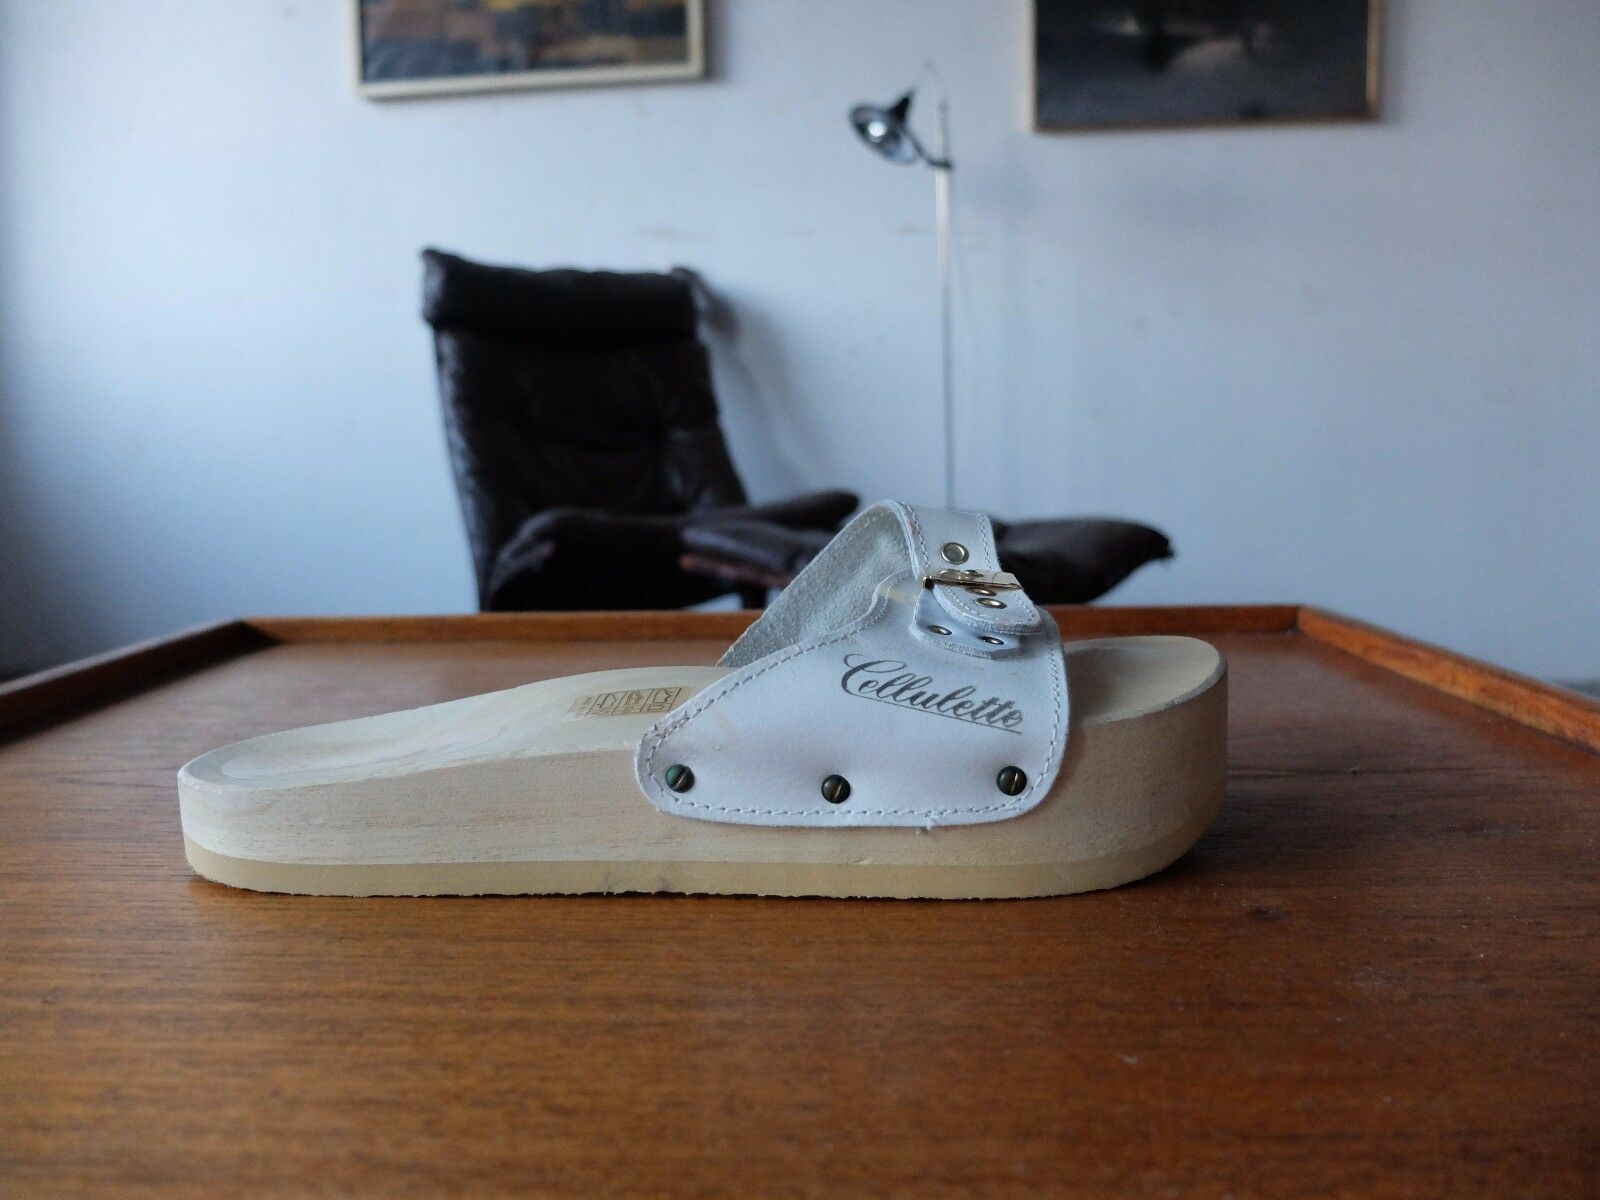 CELLULETTE true vintage sandale Gr. 40 Flops bois uk 6,5 Cuir Made